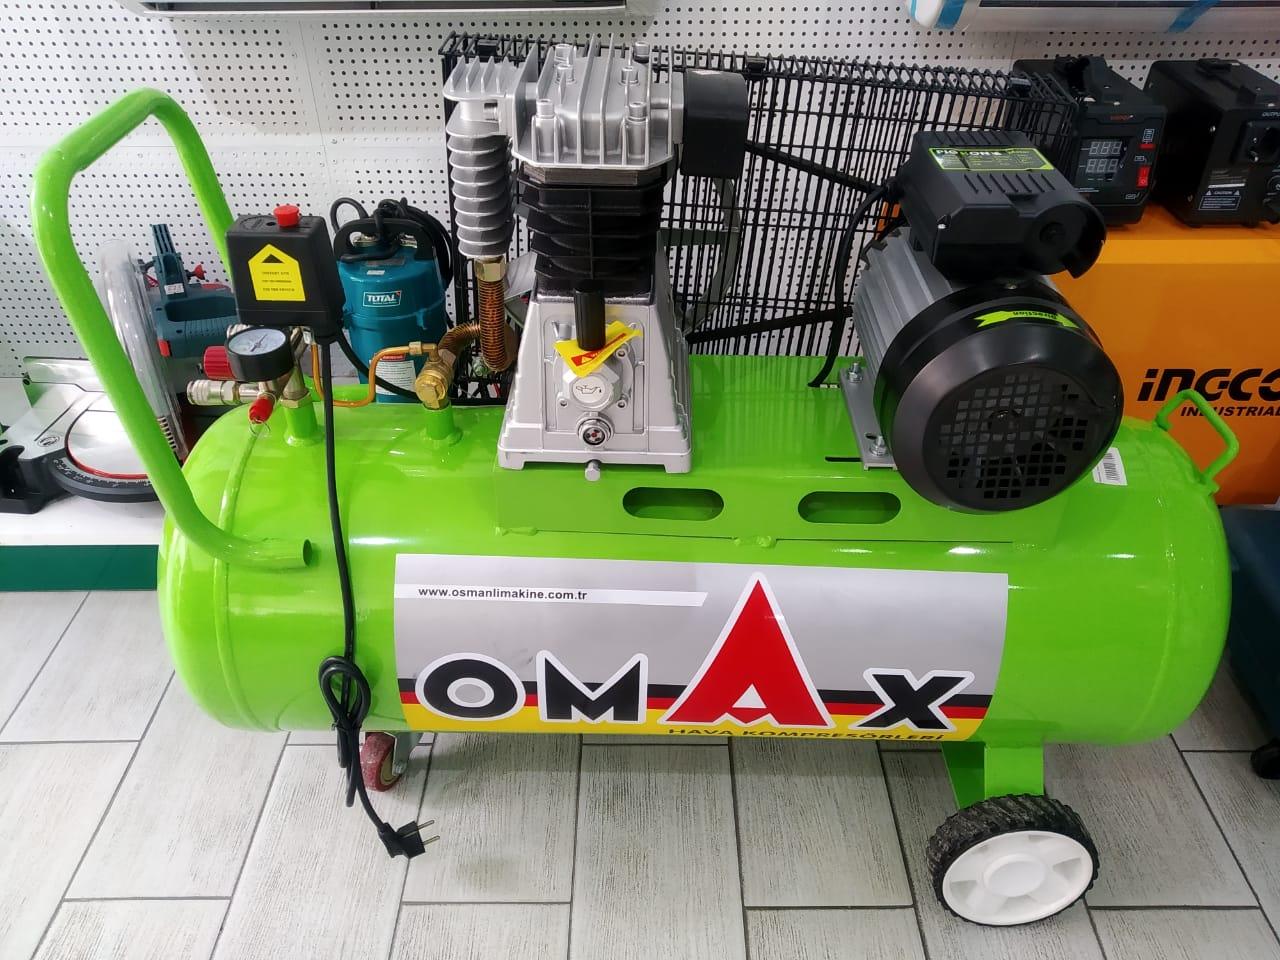 Omax Kompressor 100 Litr Faizsiz Kreditle Arayissiz Zaminsiz